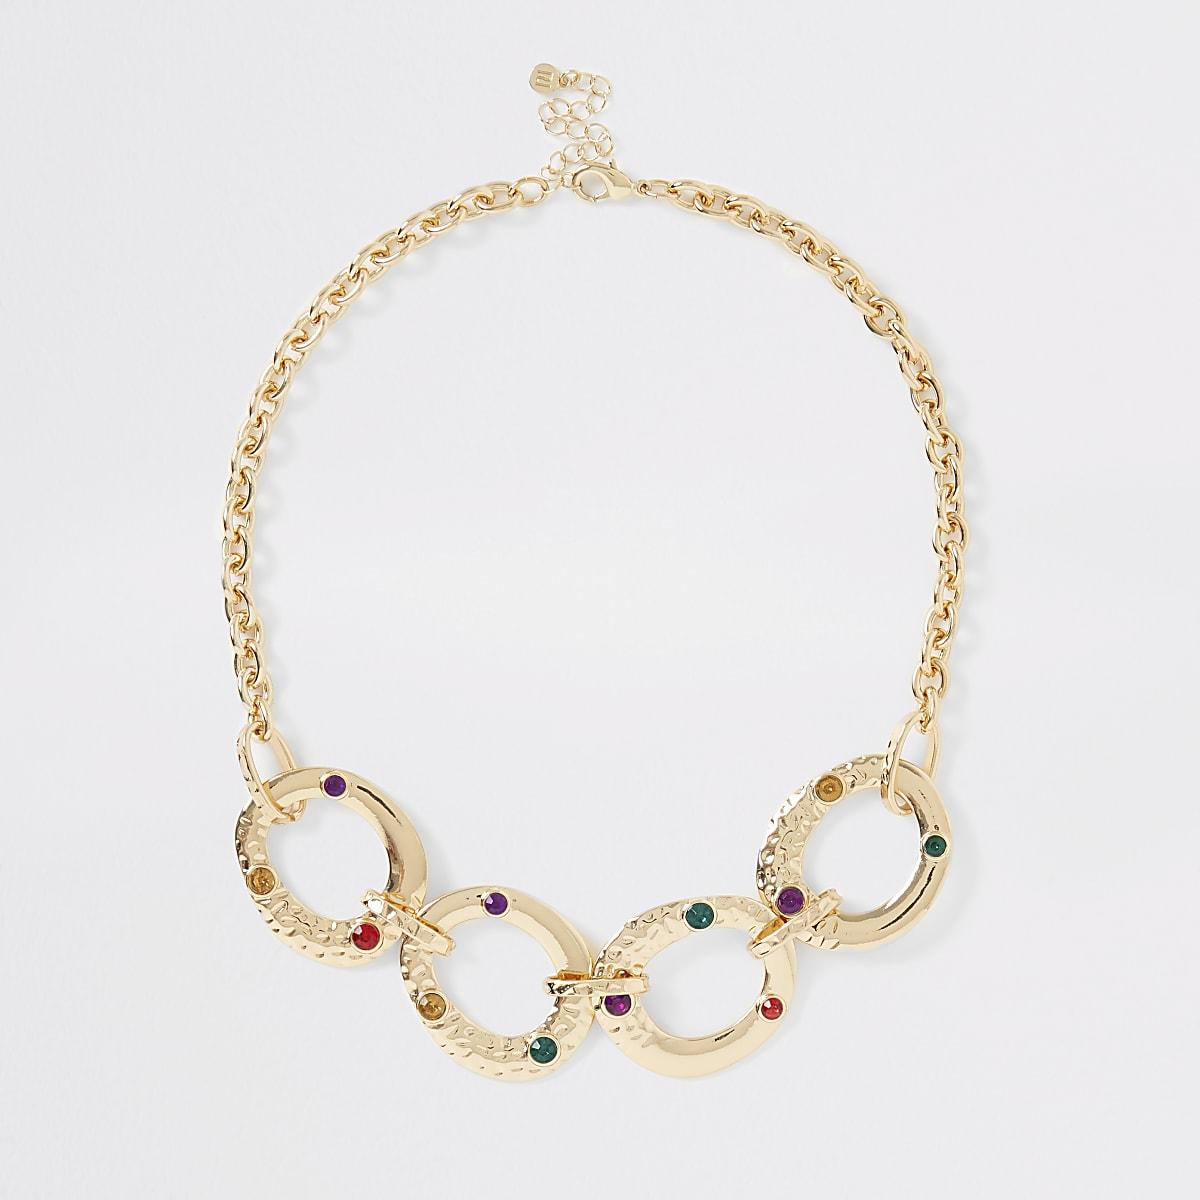 Gold color interlinked necklace